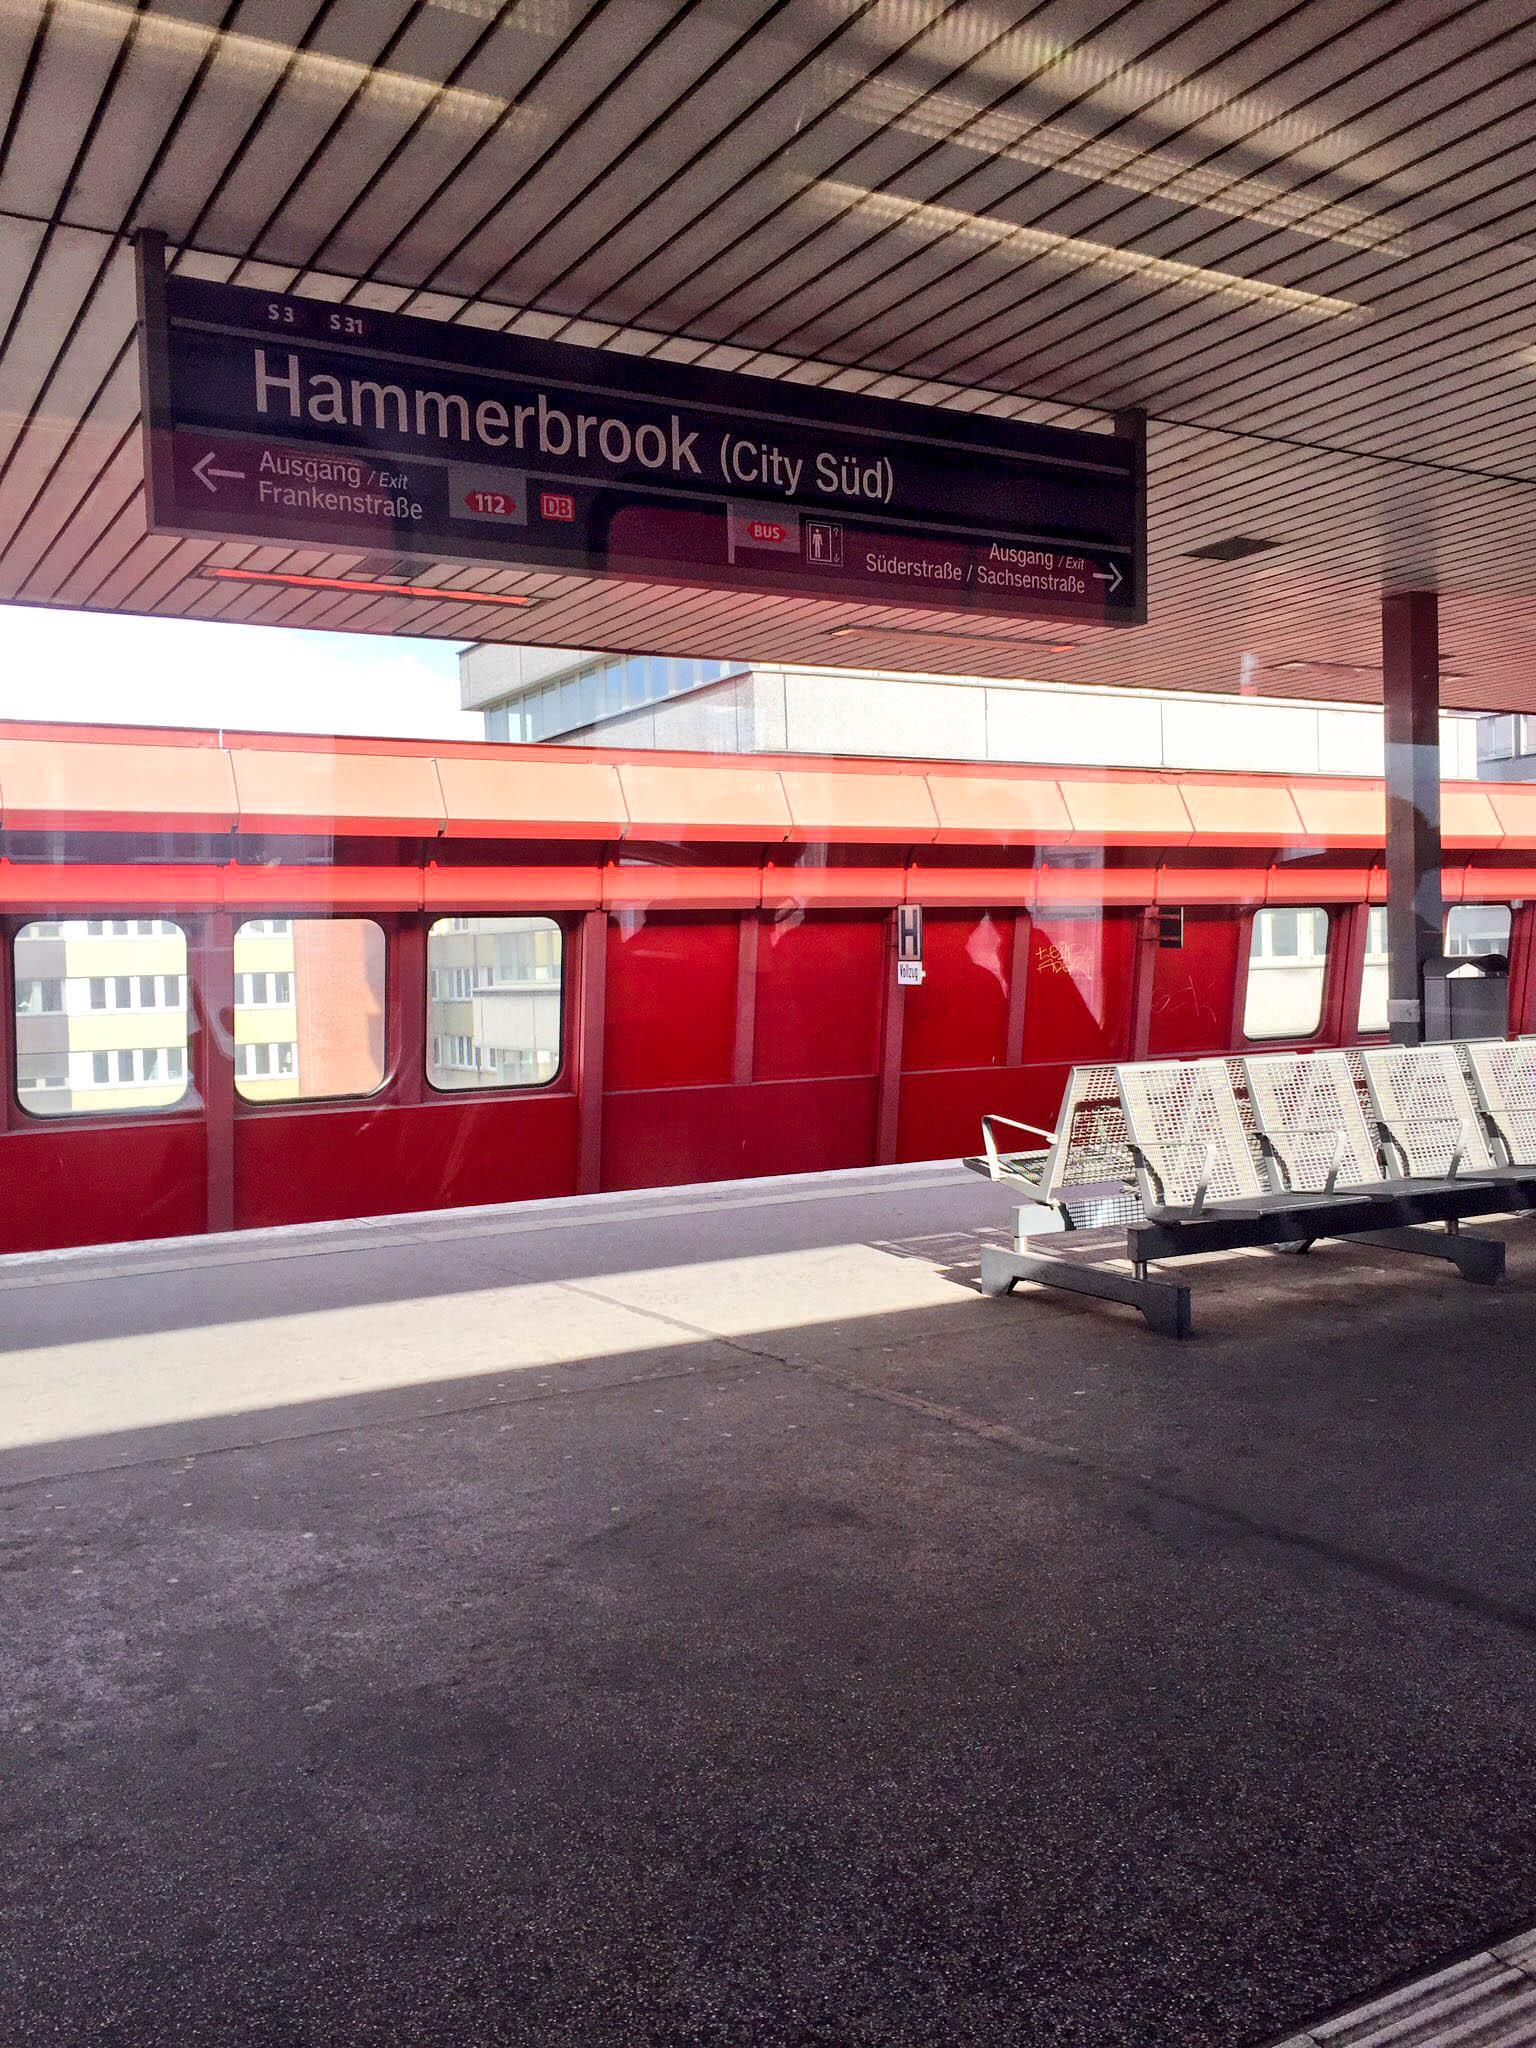 Hammerbrook